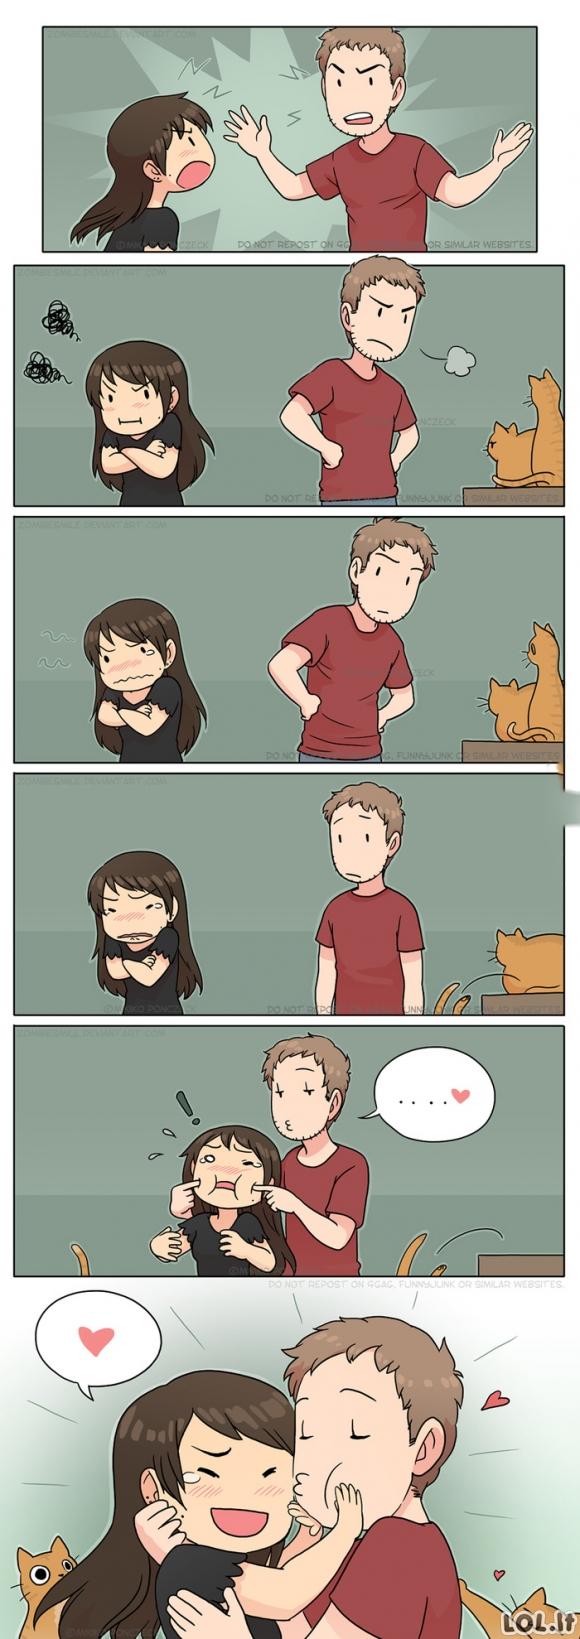 Kaip nuramint piktą merginą?